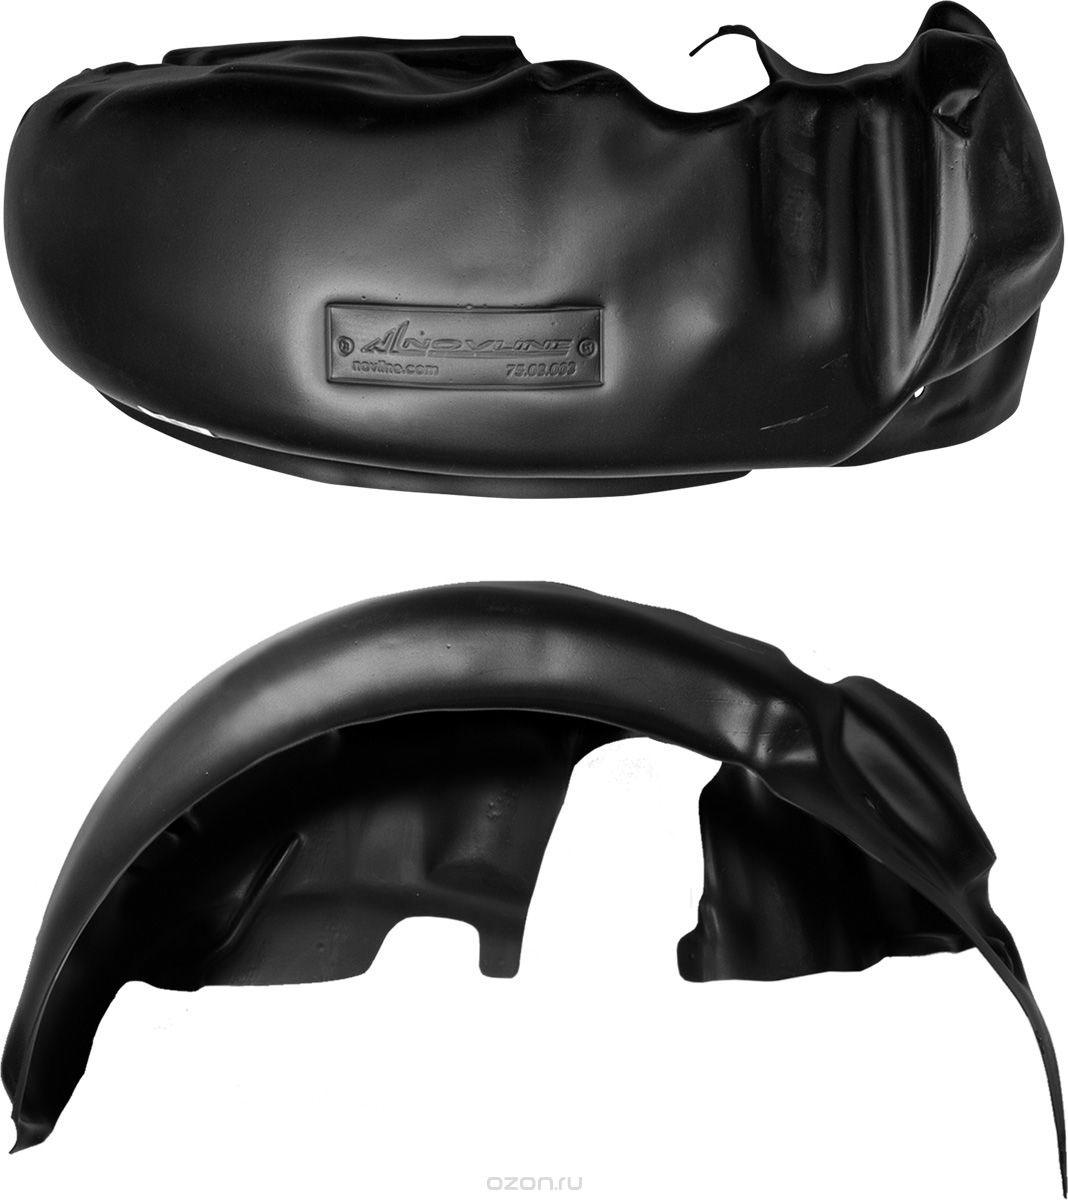 Подкрылок Novline-Autofamily, для FORD Transit, передний привод, 2014->, задний левый44701001Идеальная защита колесной ниши. Локеры разработаны с применением цифровых технологий, гарантируют максимальную повторяемость поверхности арки. Изделия устанавливаются без нарушения лакокрасочного покрытия автомобиля, каждый подкрылок комплектуется крепежом. Уважаемые клиенты, обращаем ваше внимание, что фотографии на подкрылки универсальные и не отражают реальную форму изделия. При этом само изделие идет точно под размер указанного автомобиля.